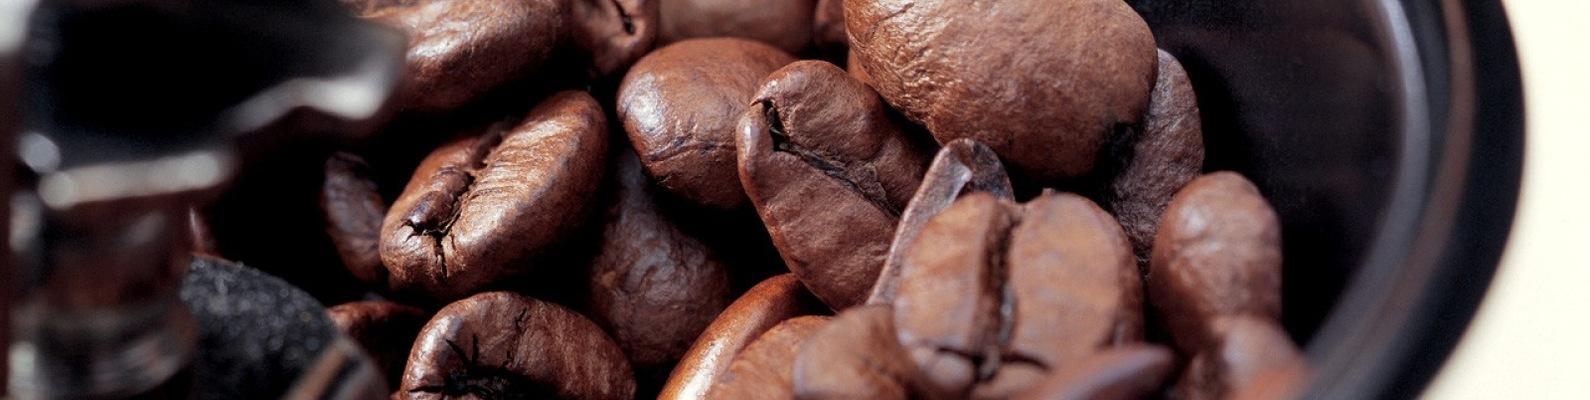 Свежеобжаренный кофе краснодар продам